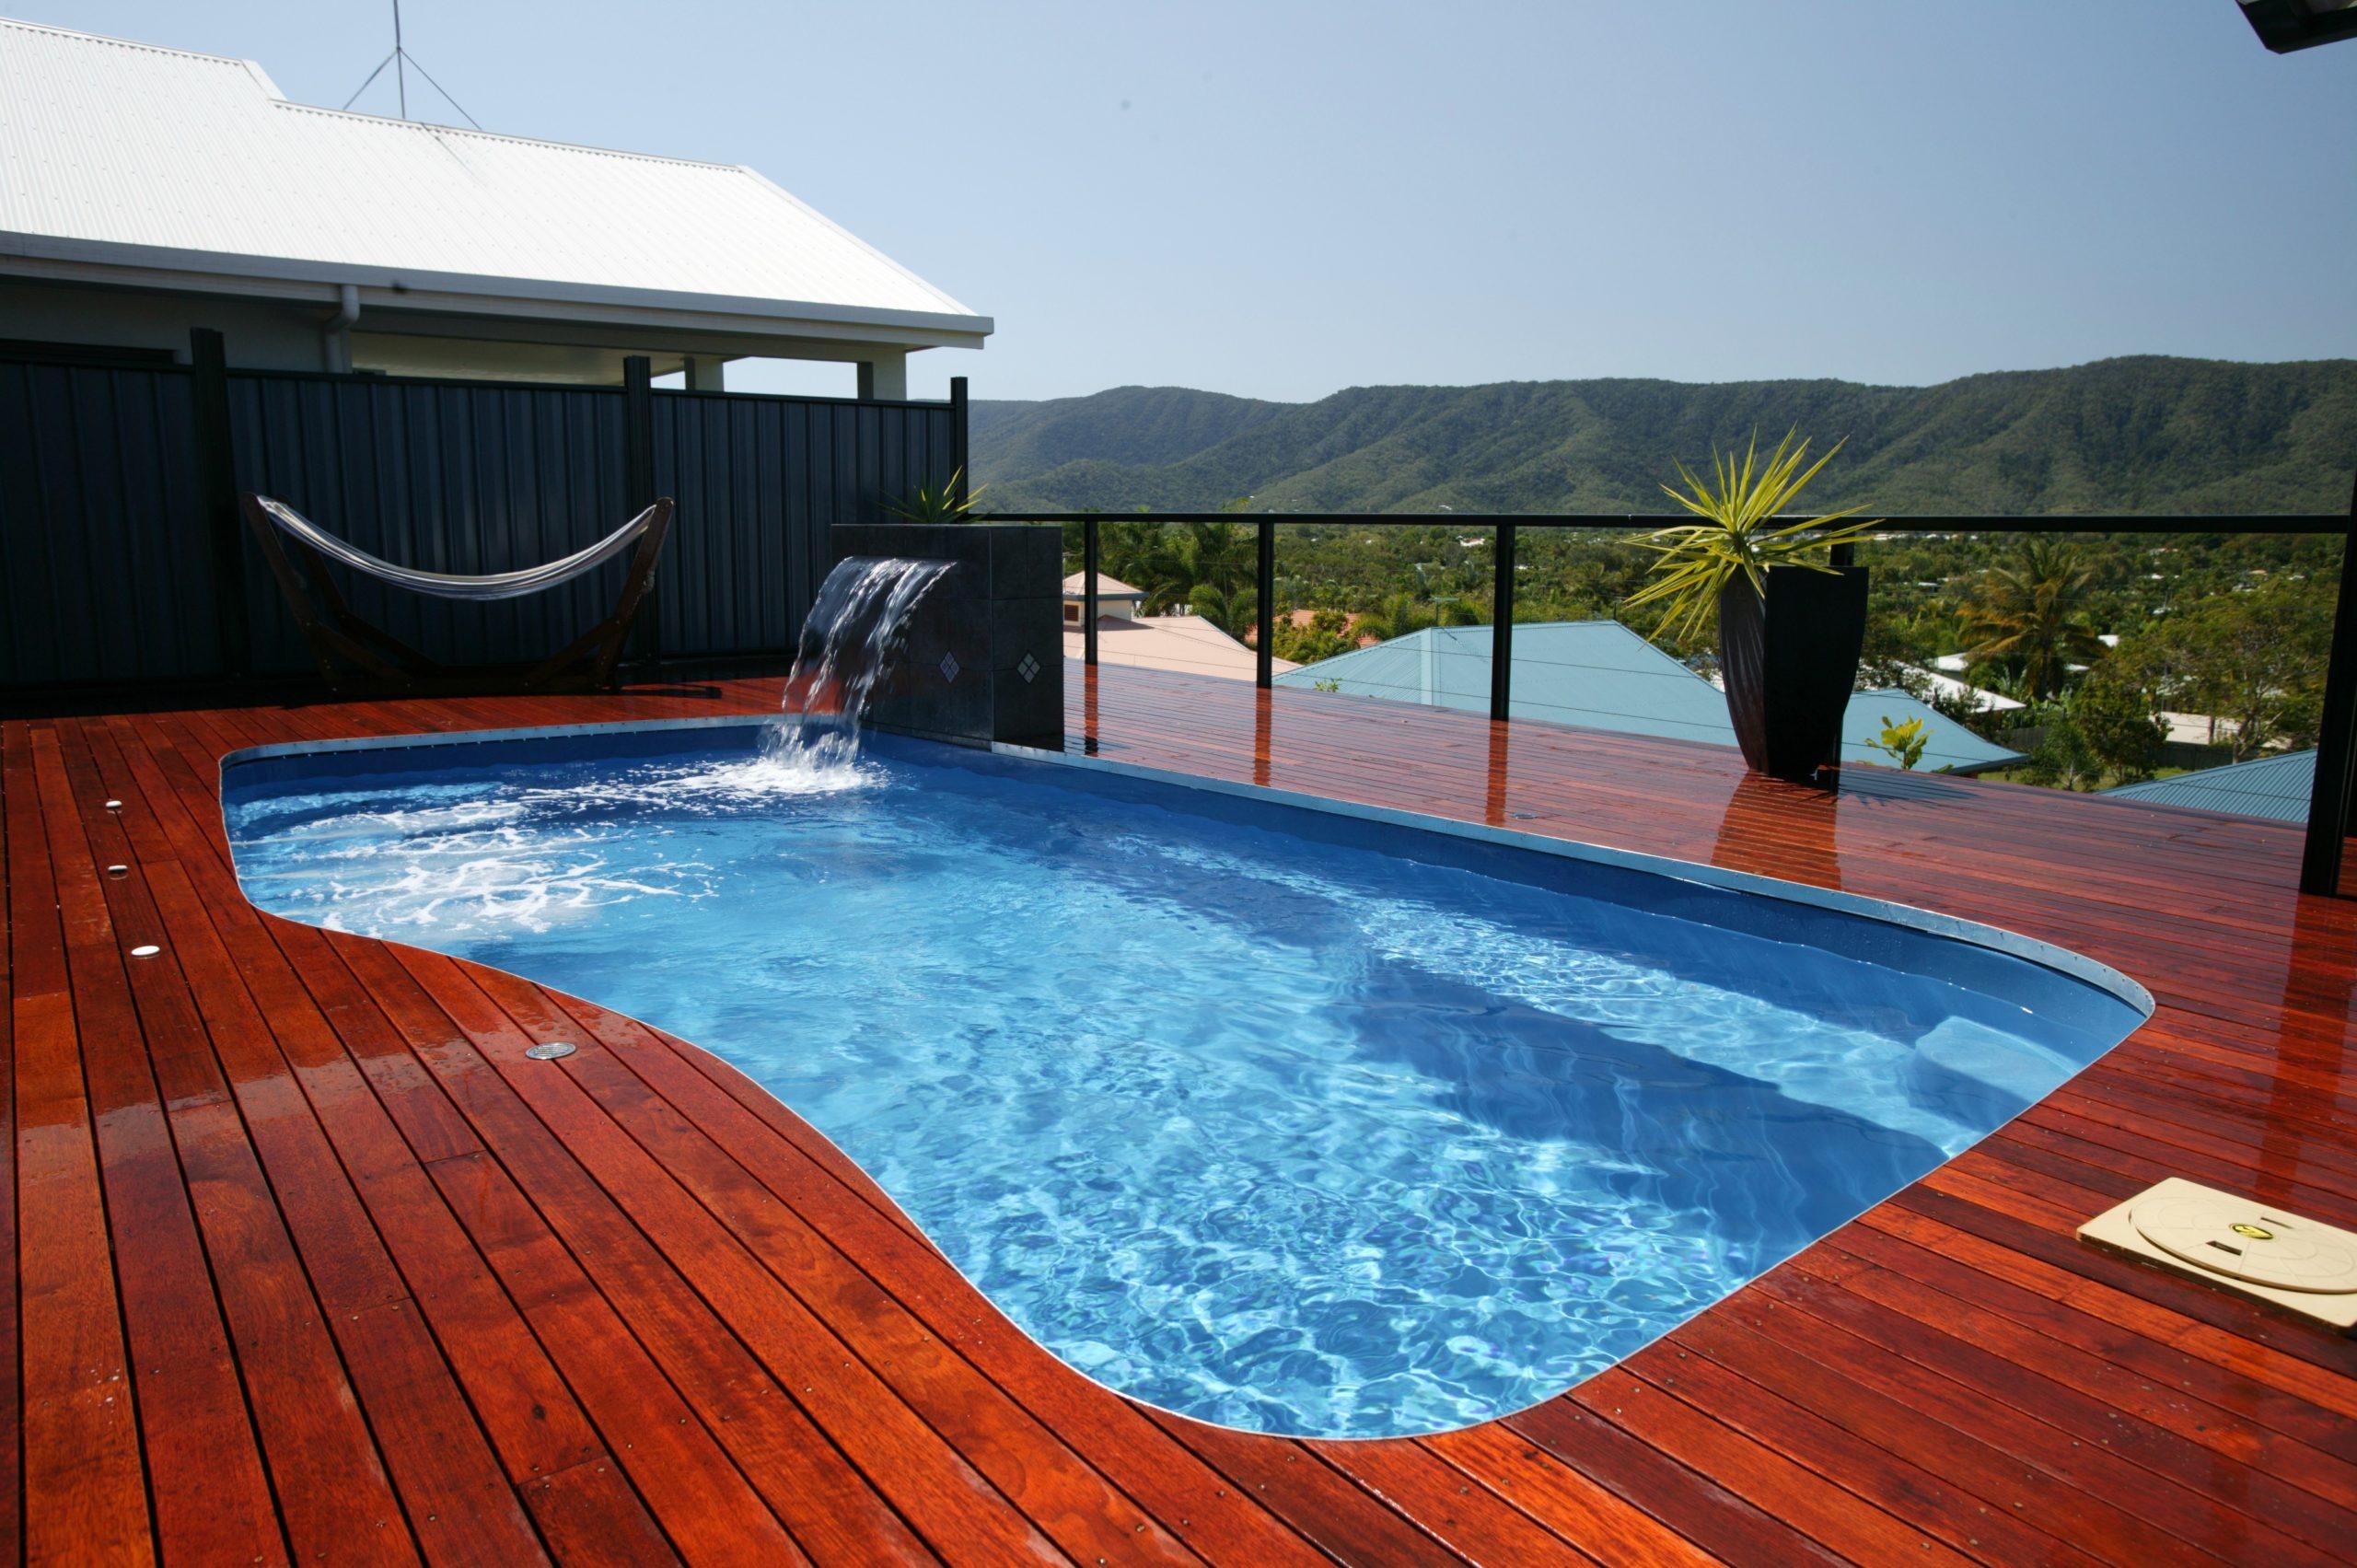 Heureusement, avoir une cour en pente ne signifie pas que vous devez renoncer à la joie d'avoir une piscine.